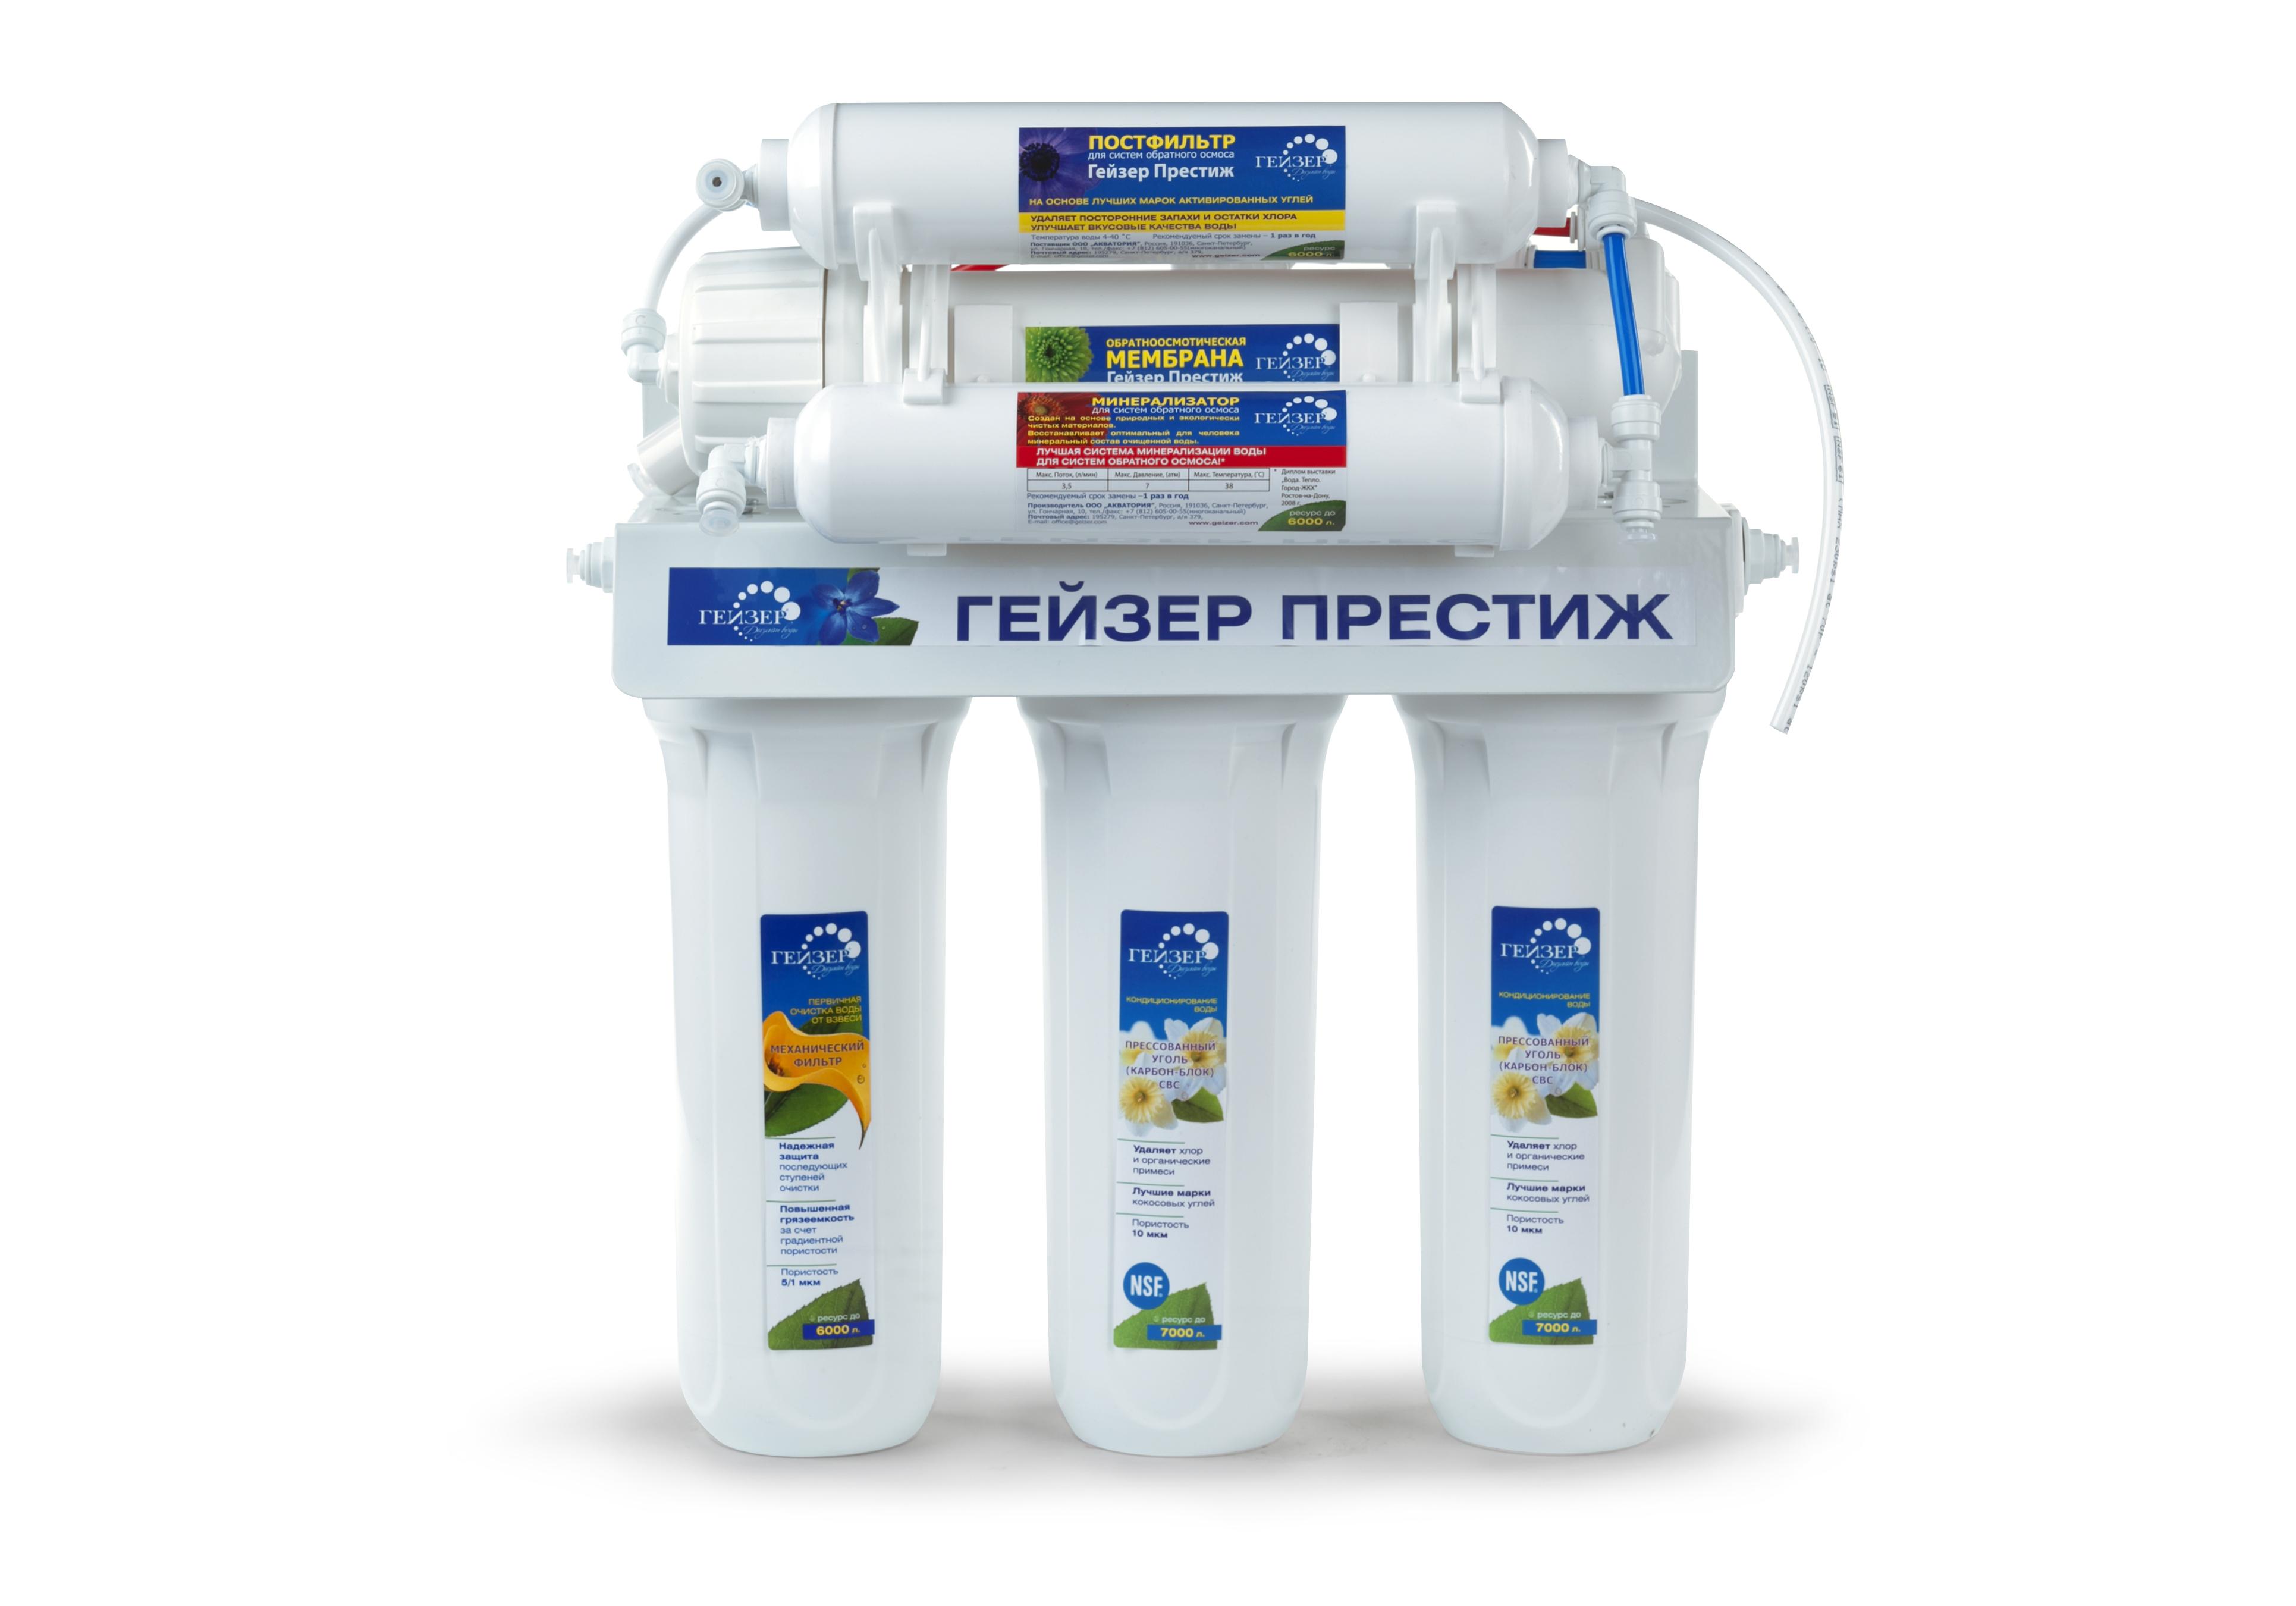 Фильтр для очистки воды ГЕЙЗЕРФильтры для воды<br>Тип фильтра для воды: система для питьевой воды,<br>Назначение фильтра для воды: для питьевой воды,<br>Функциональные особенности фильтра для воды: минерализатор,<br>Подключение к водопроводу: Есть,<br>Давление: 3 атм.,<br>Температура: 40,<br>Скорость фильтрации: 0.15<br>